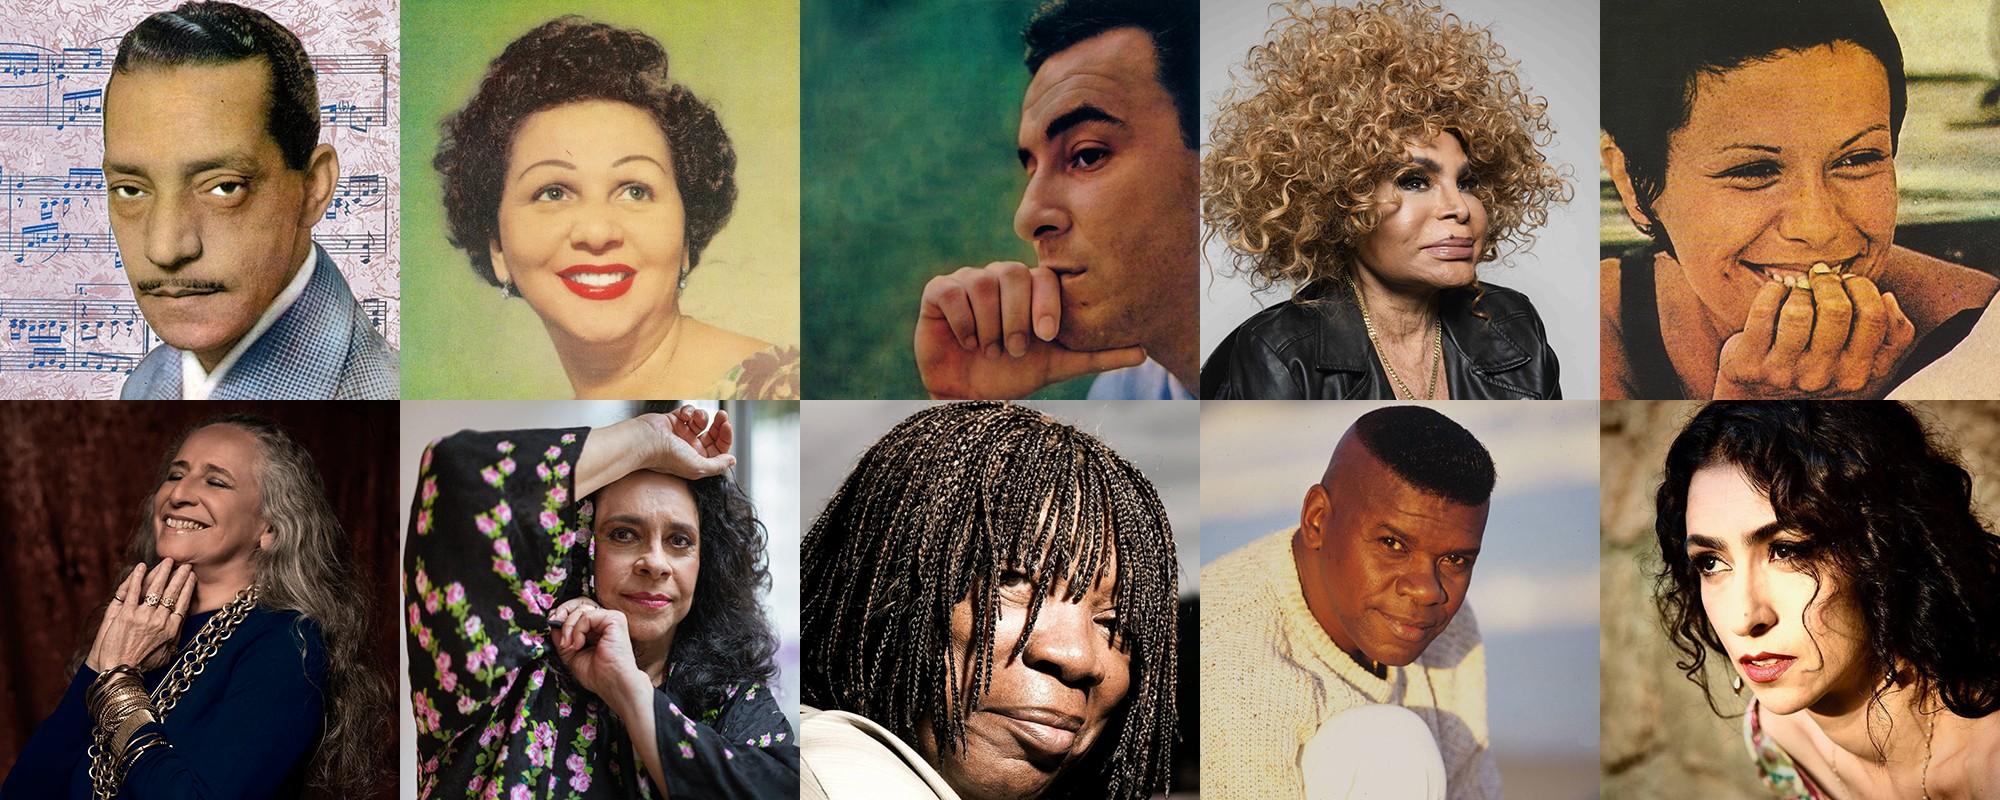 No Dia Mundial da Voz, eis dez cantores de timbres singulares e referenciais